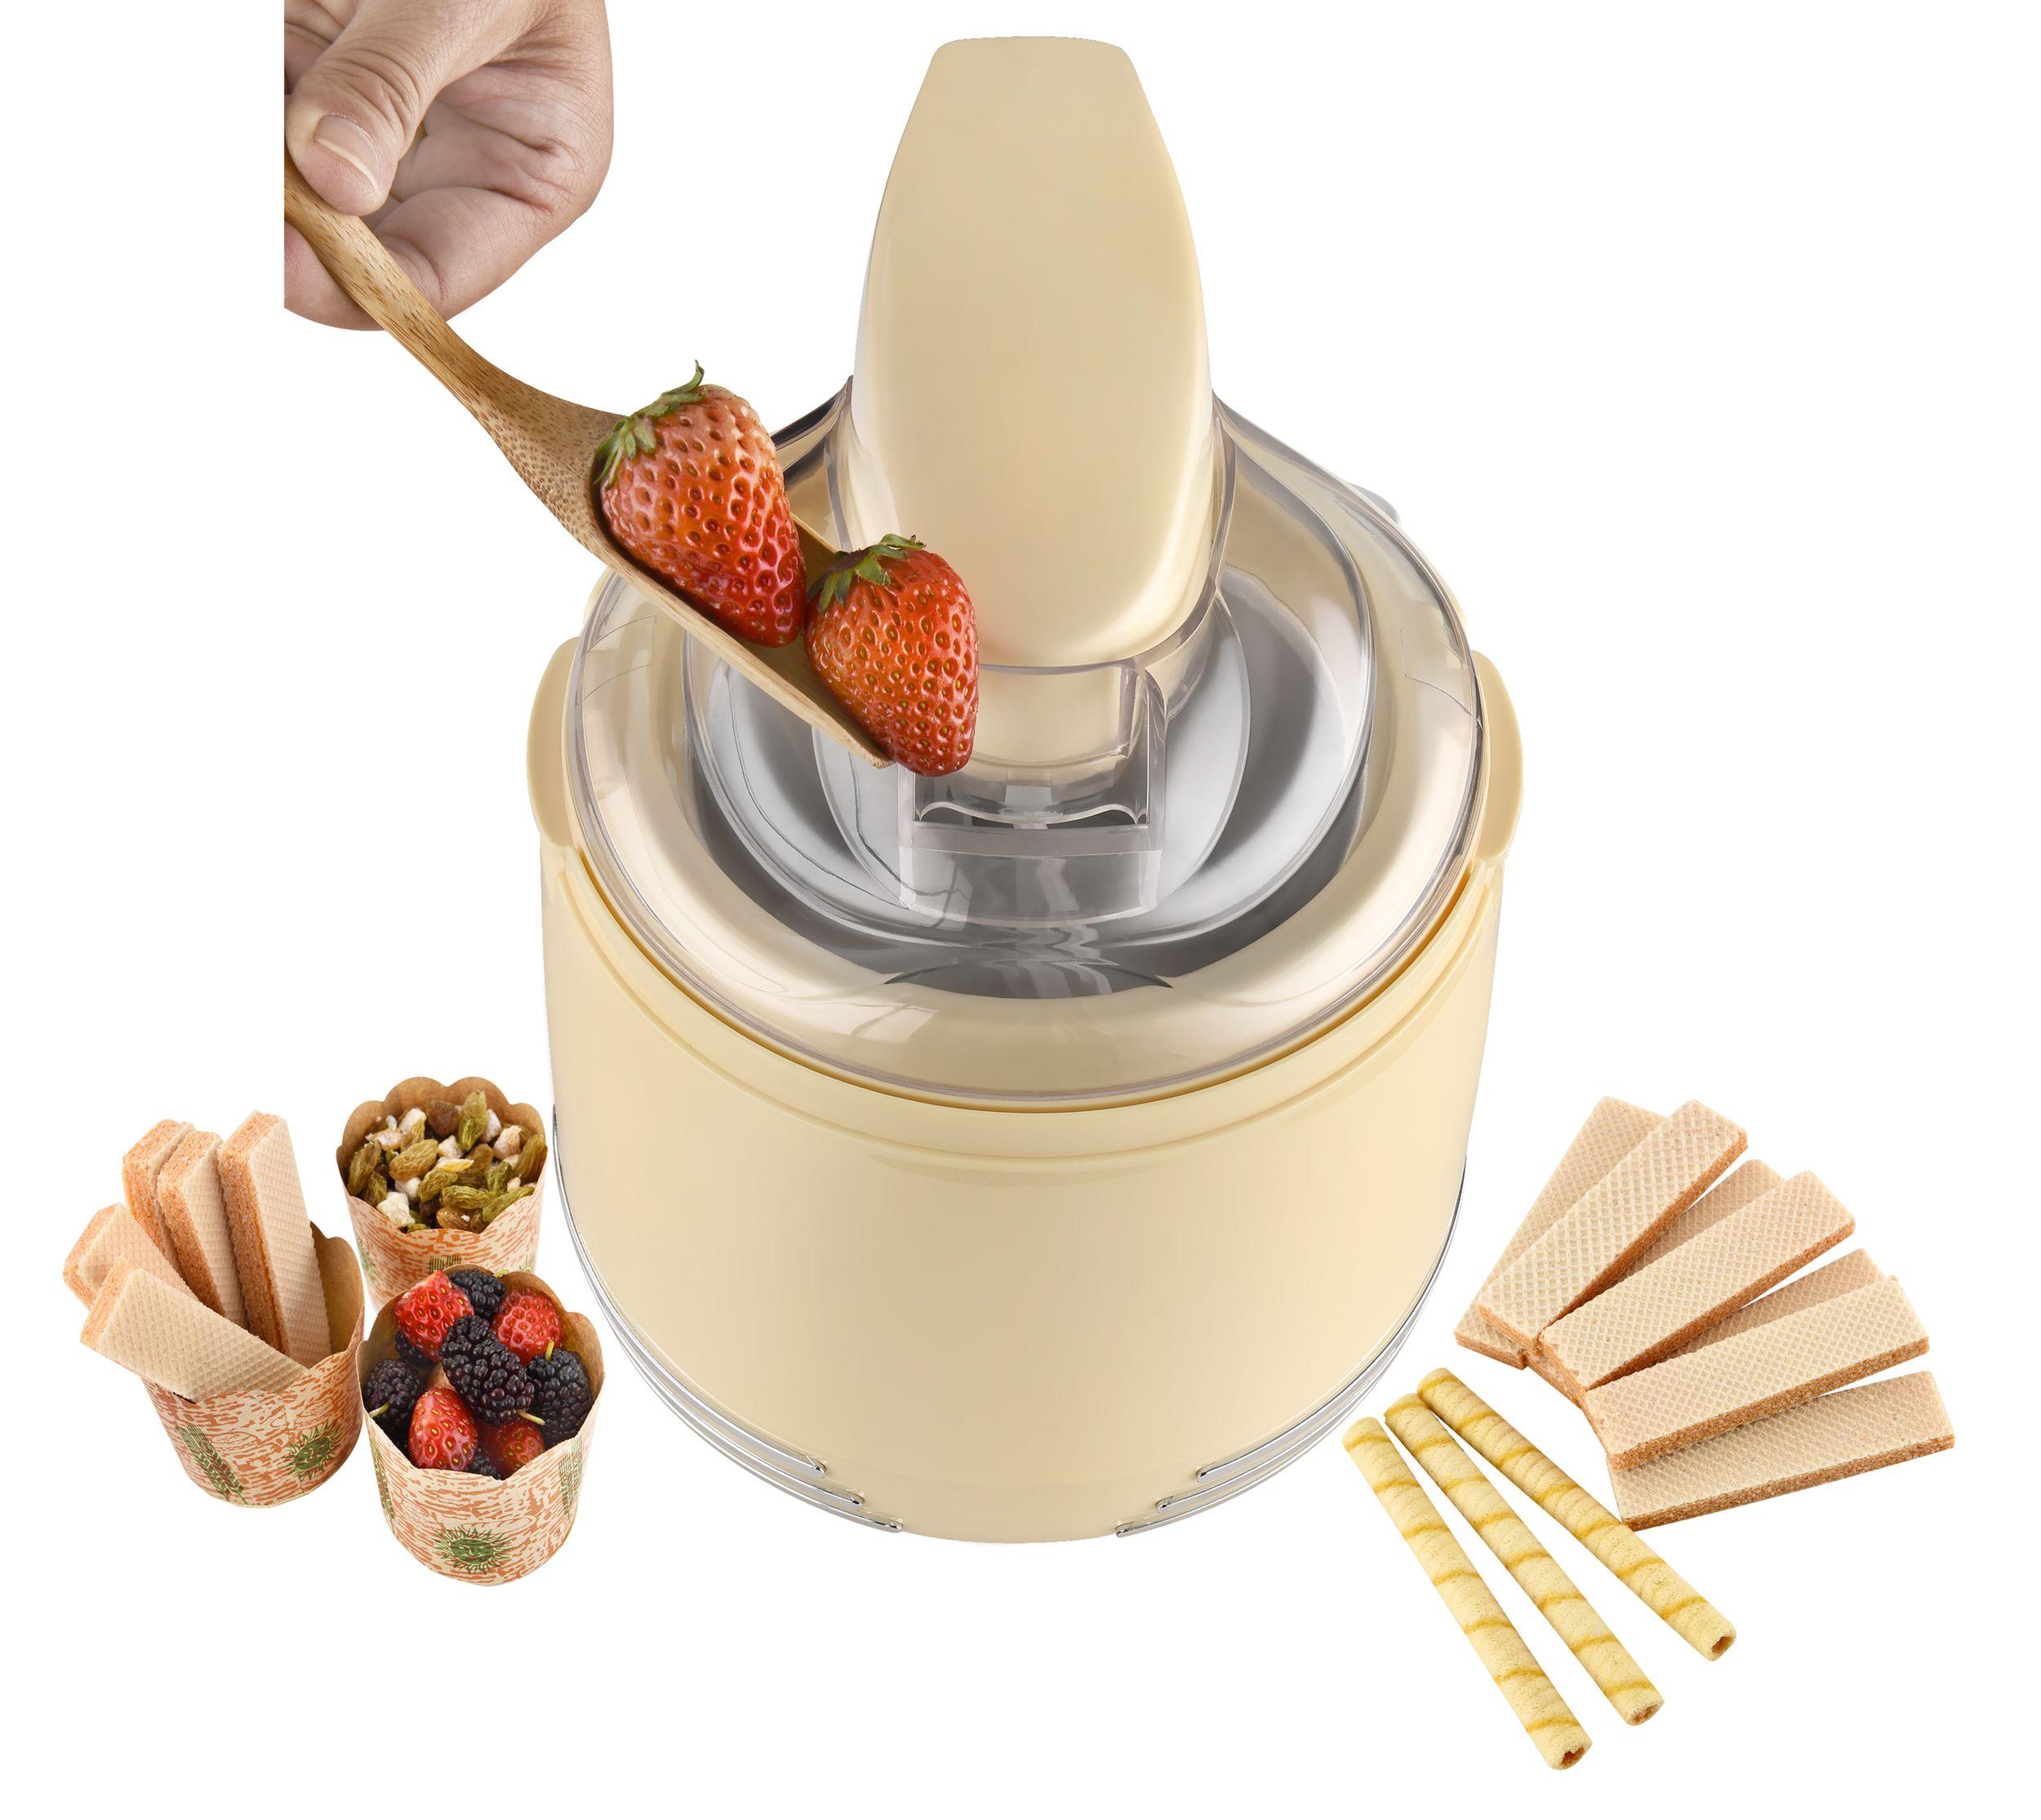 2 in 1 Retro Eismaschine Joghurtbereiter Eiscreme Joghurt Maker Kühlgefäß creme-weiß NEU 15 W *93053 Bild 2